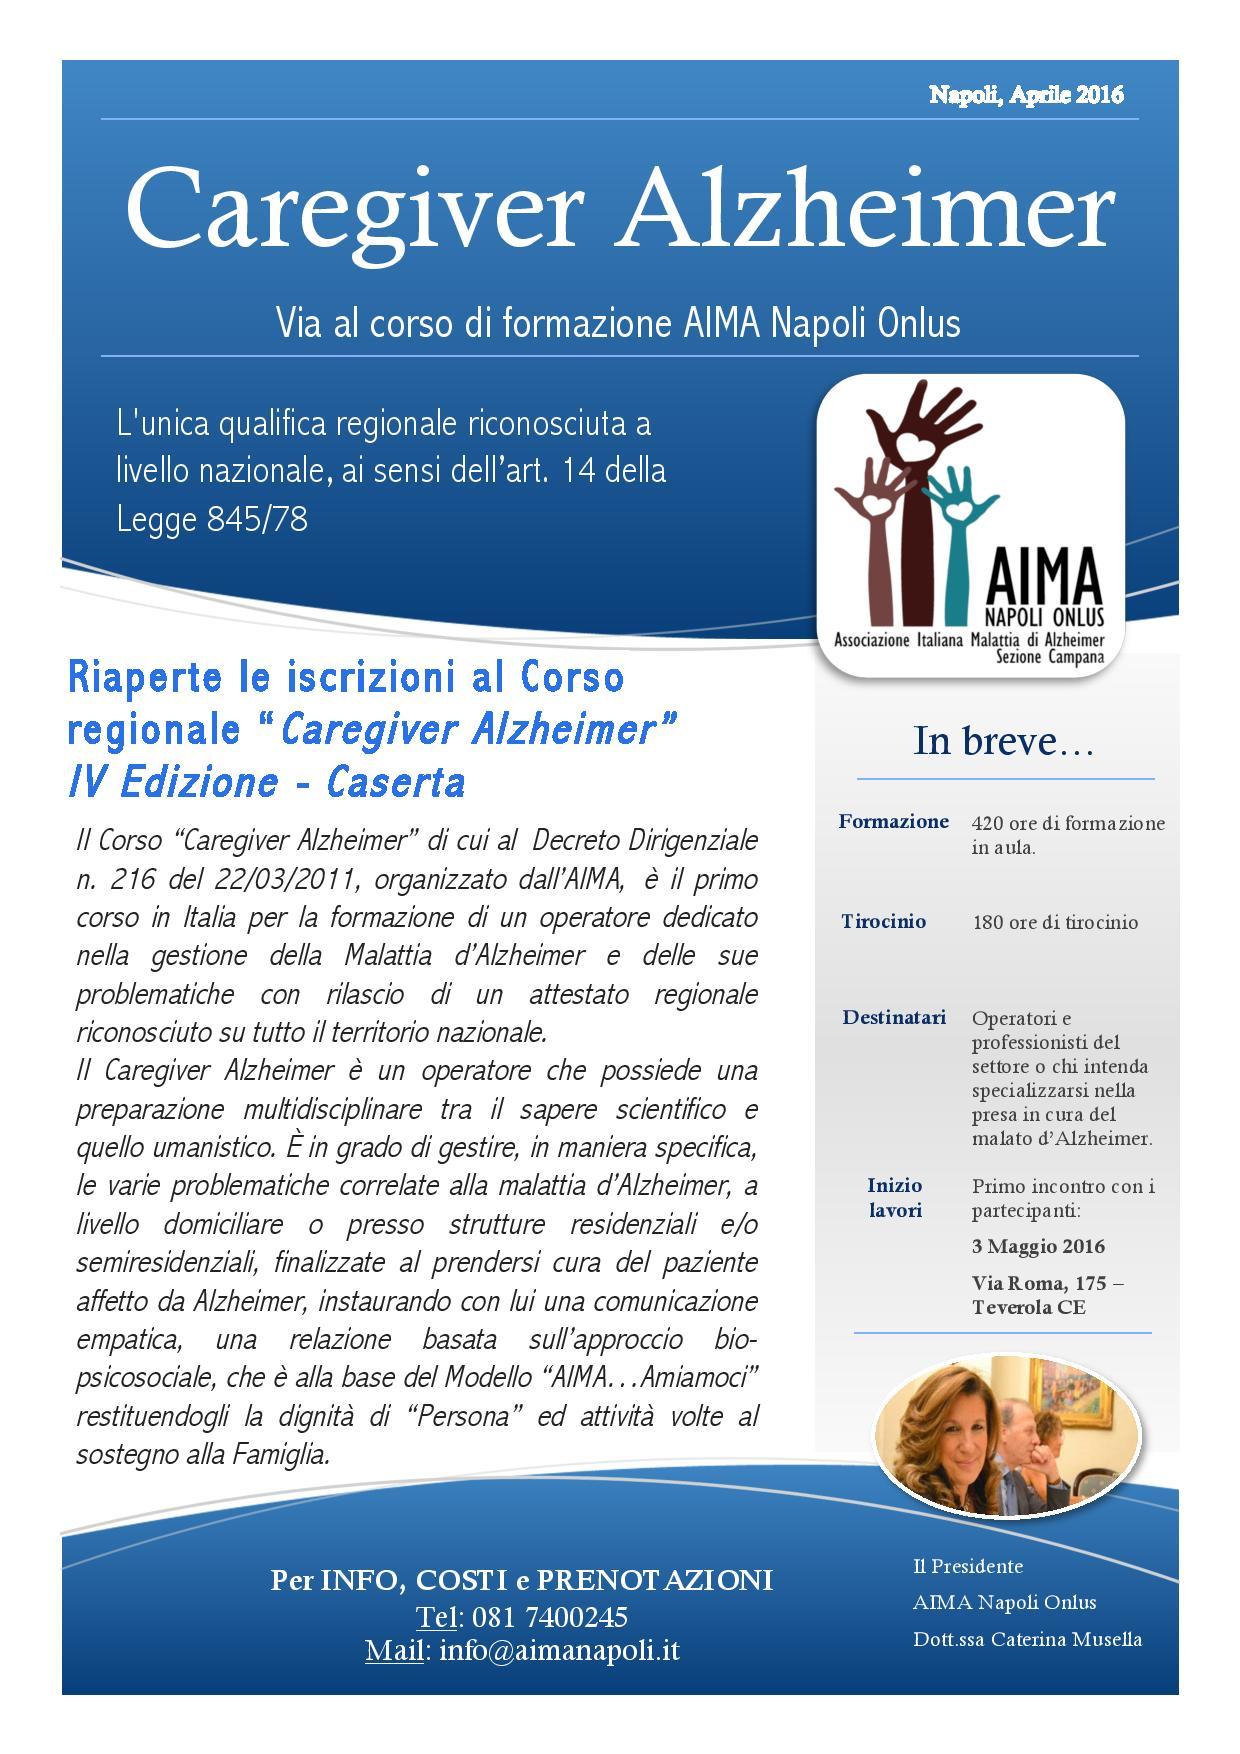 IV Edizione corso regionale Caregiver Alzheimer Aima Napoli Onlus